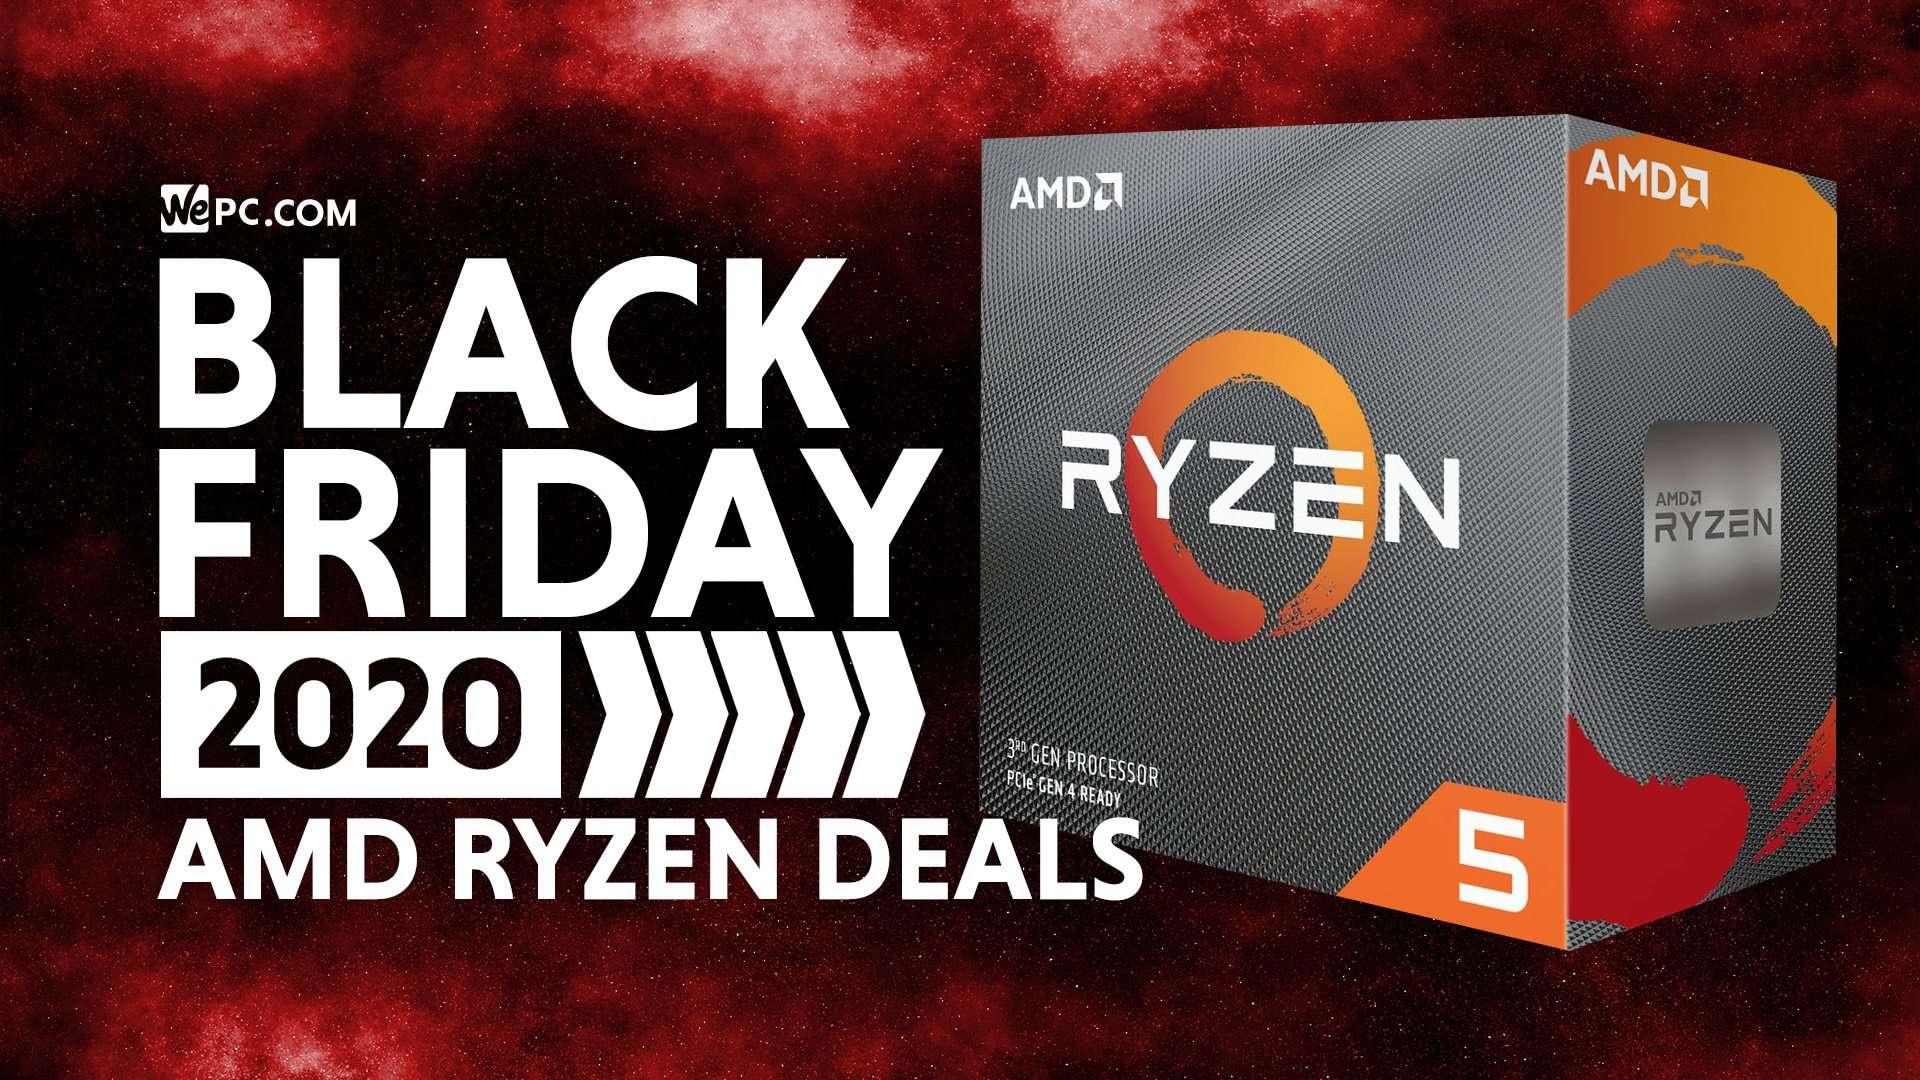 Best Black Friday Ryzen Deals In 2020 Wepc Deals